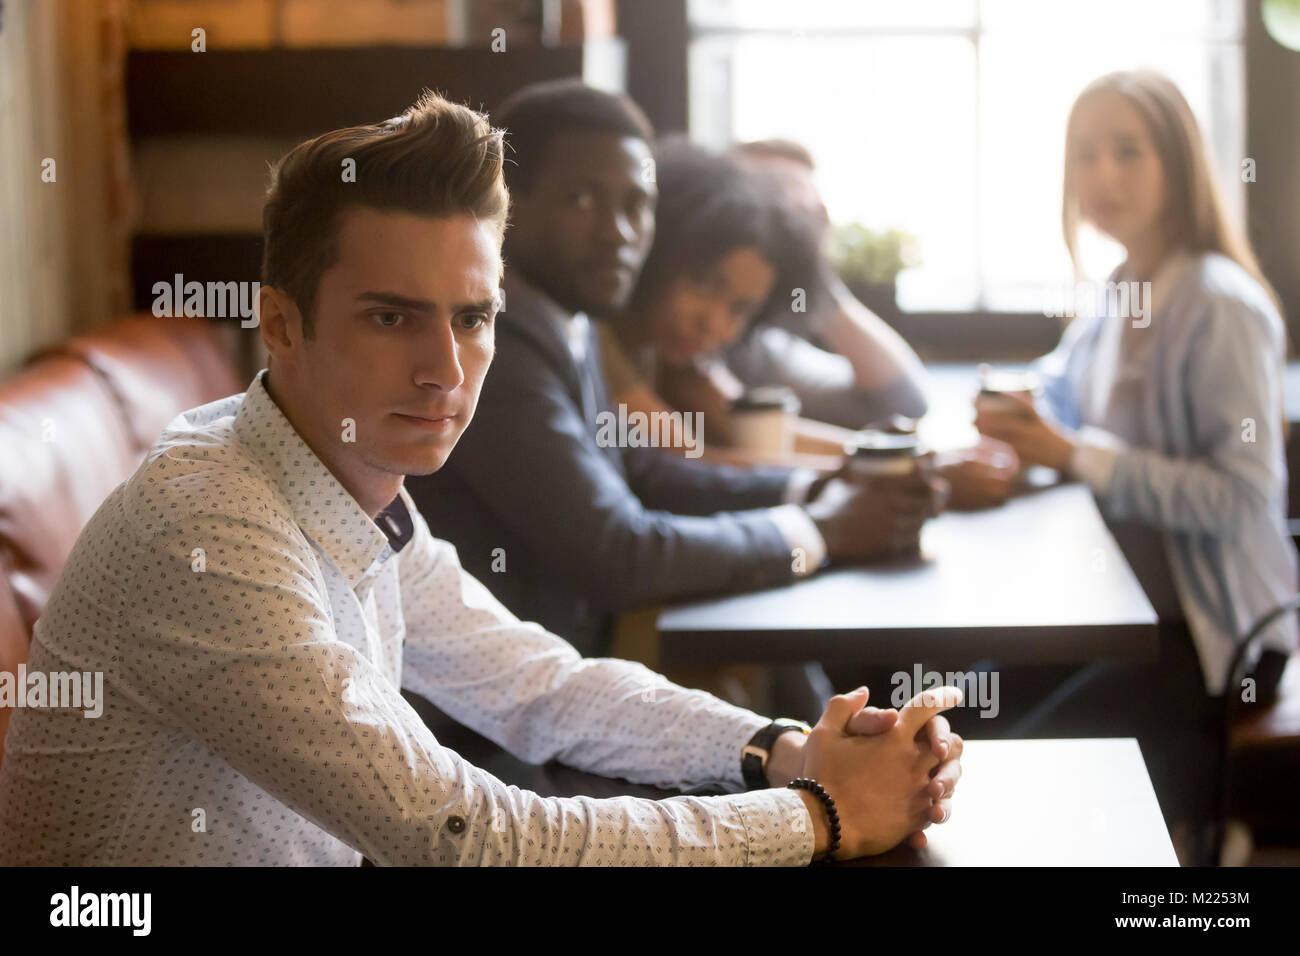 Diversos amigos viendo frustrado el hombre sentado solo en cafe Imagen De Stock